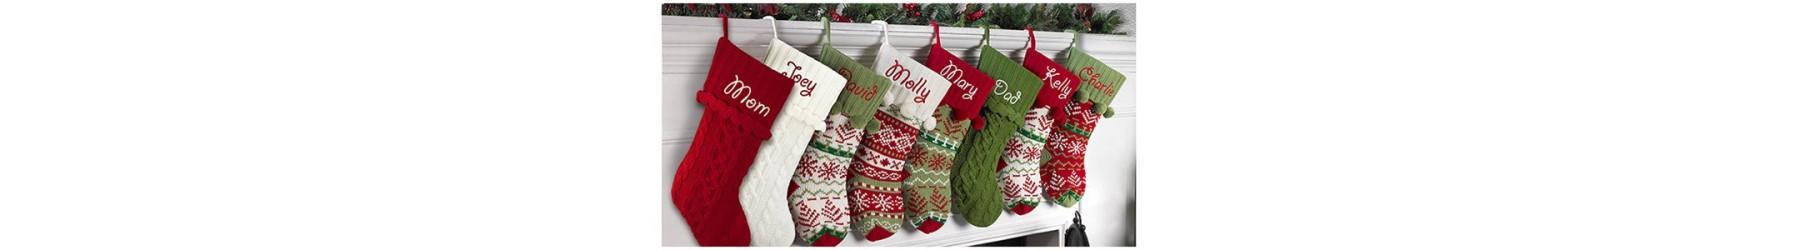 Κάλτσες Χριστουγεννιάτικες για τη διακοσμηση δώρων και το στολισμό